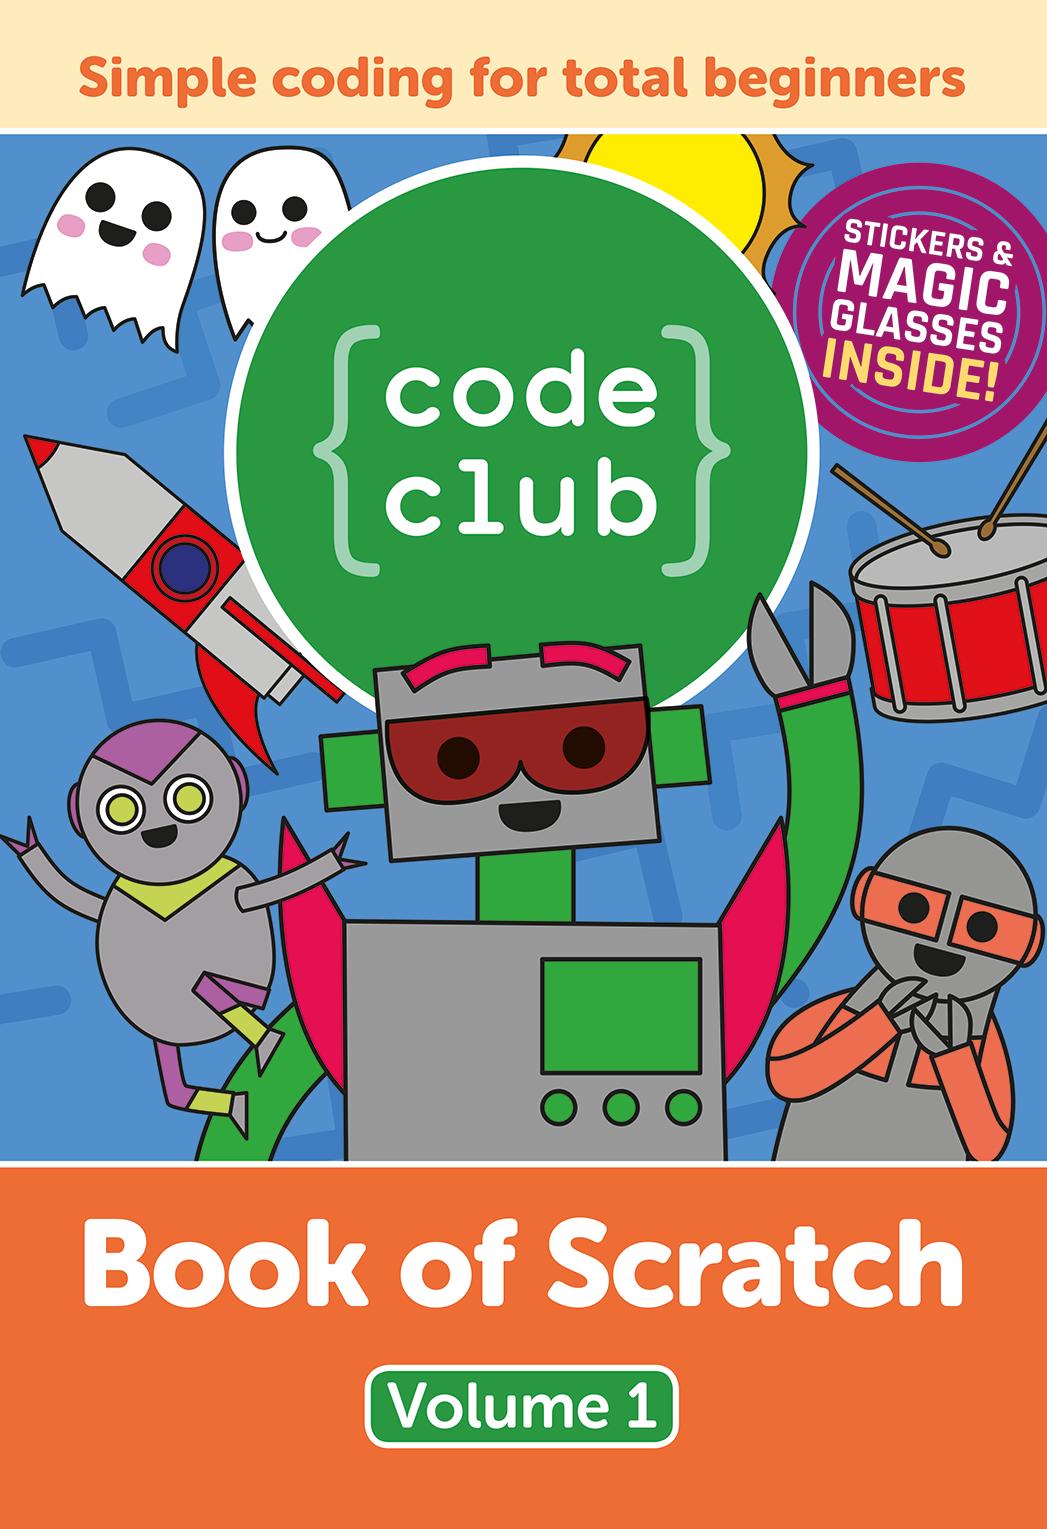 Book of scratch cover